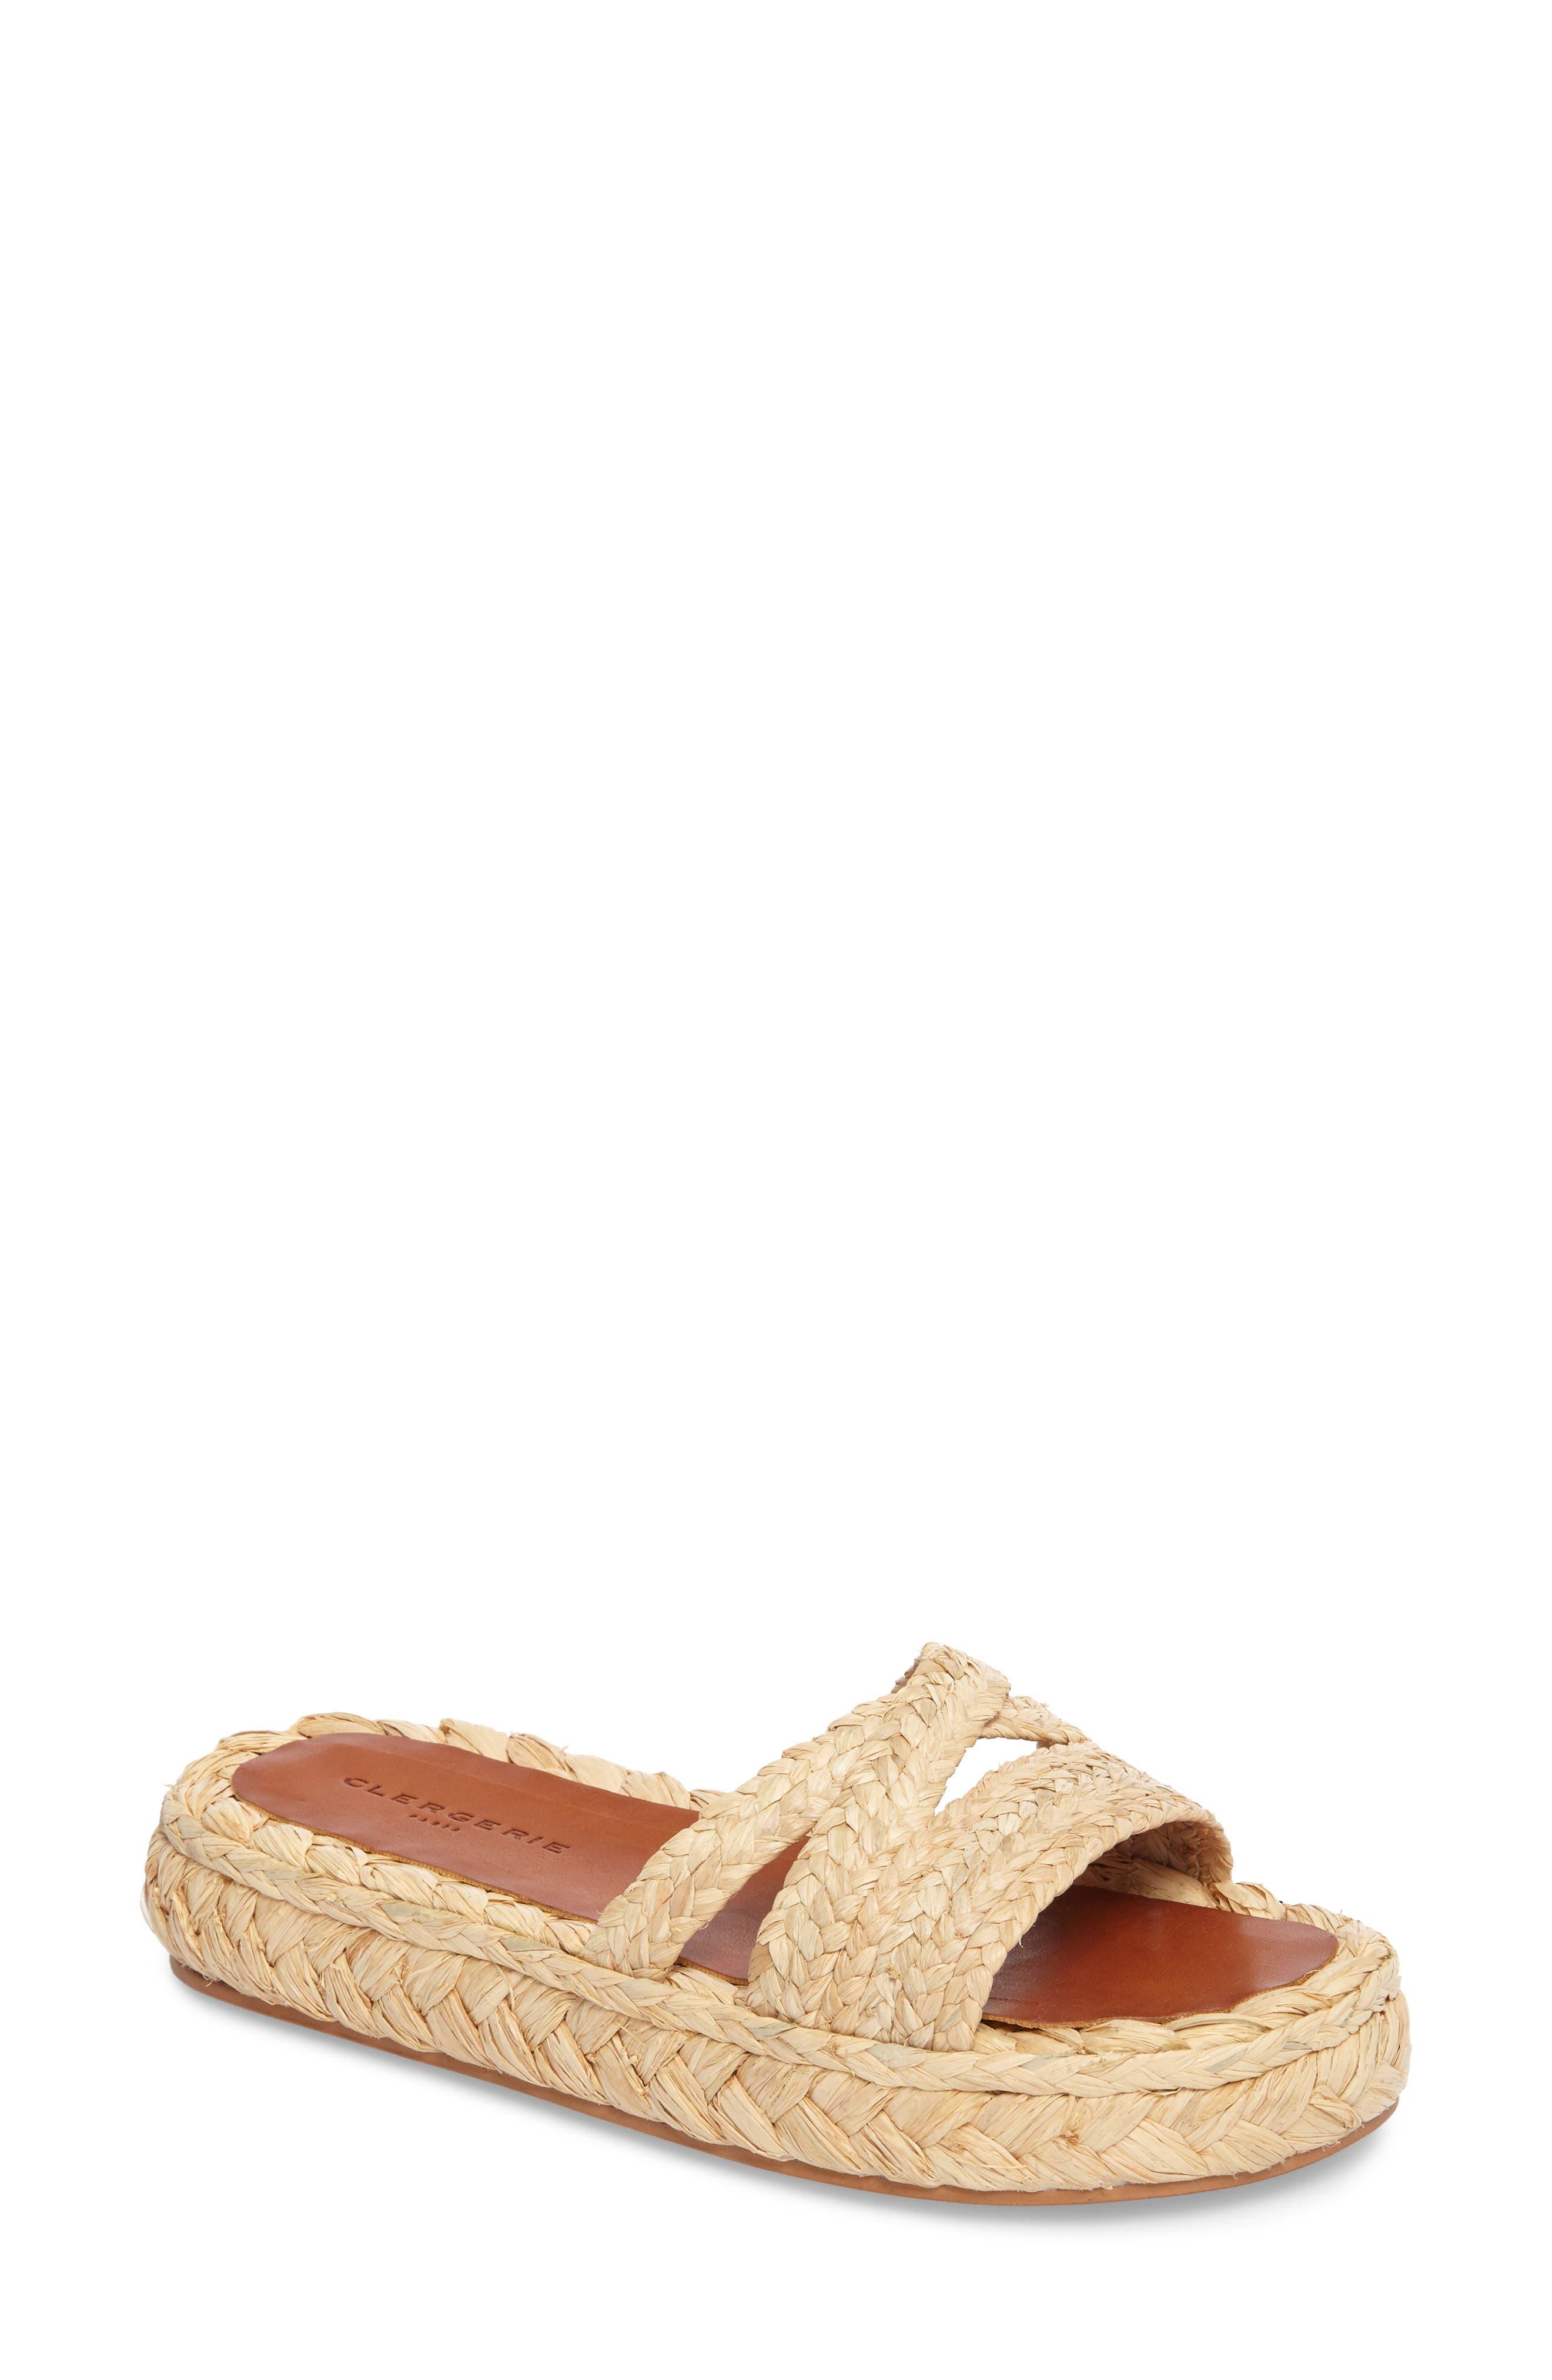 Idalie Woven Slide Sandal,                         Main,                         color, Tan